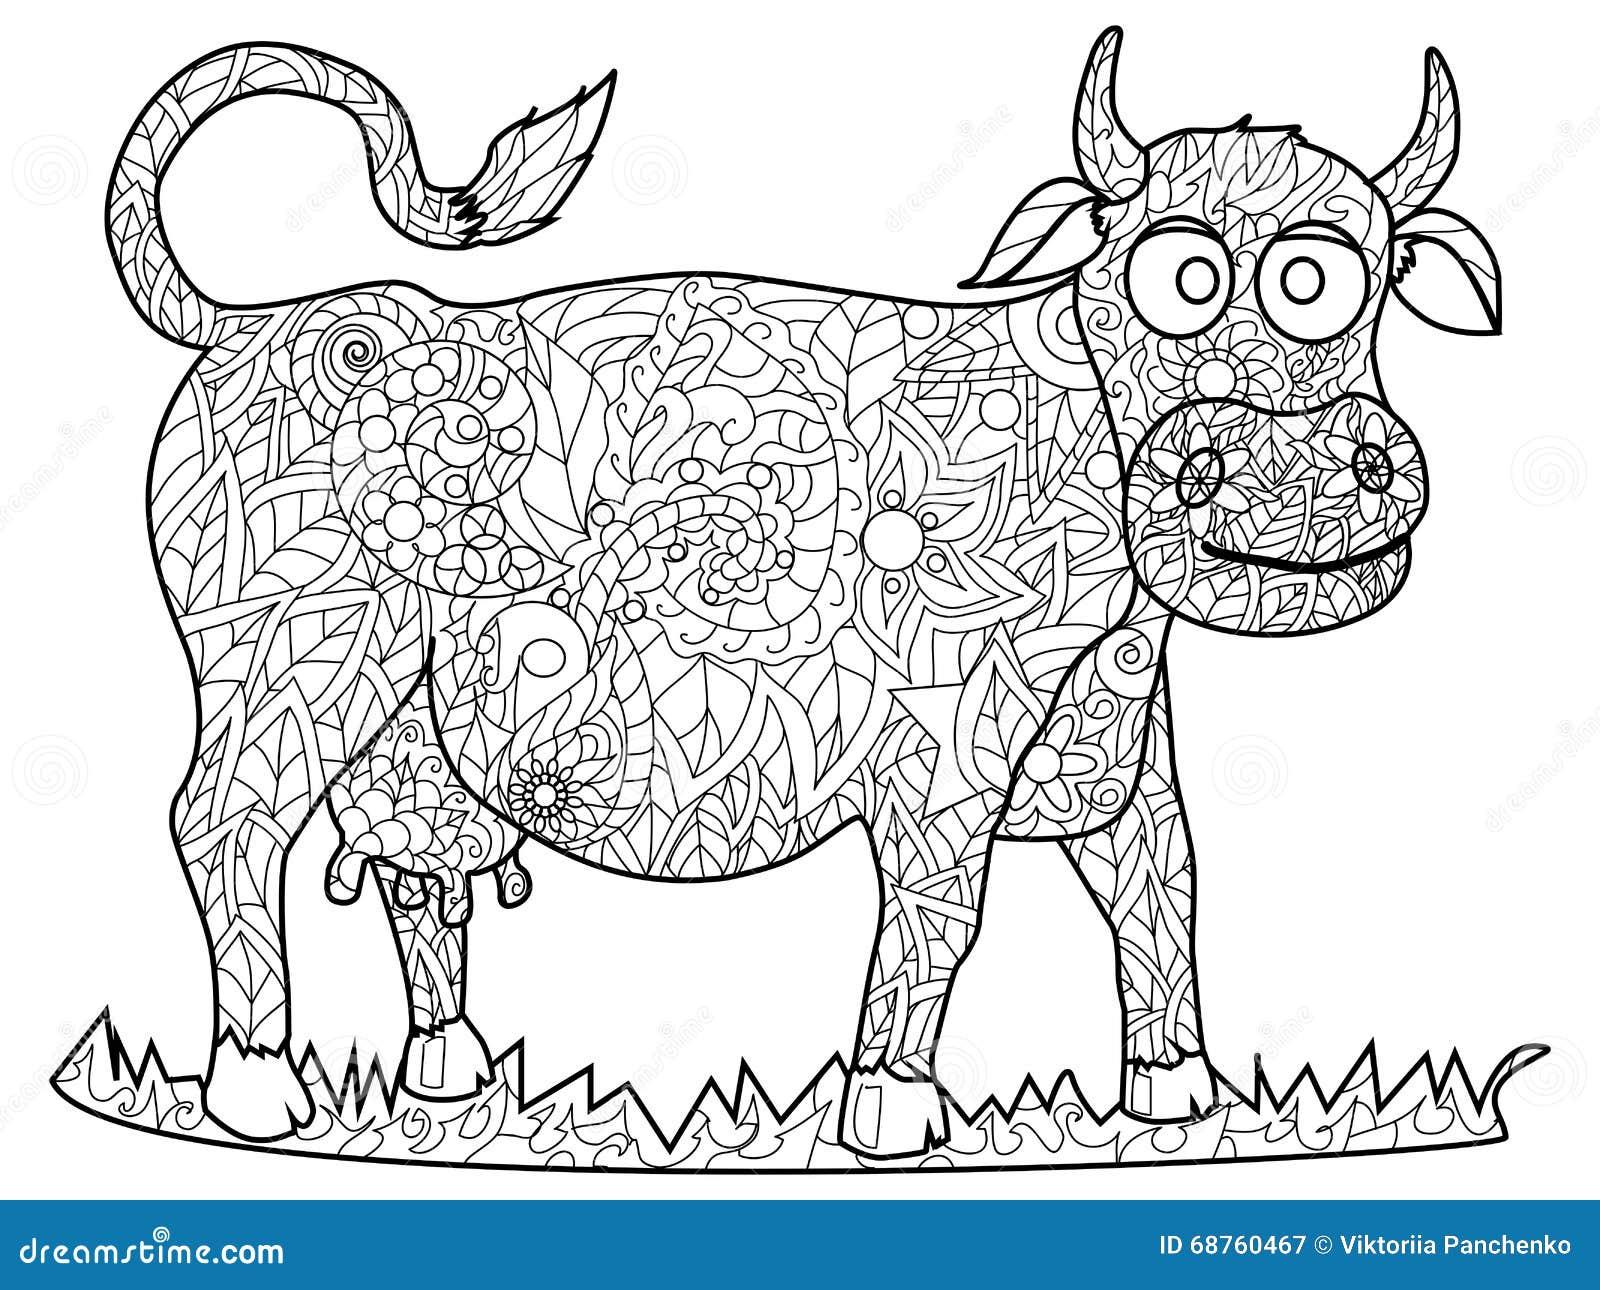 Vecteur De Coloration De Vache Pour Des Adultes